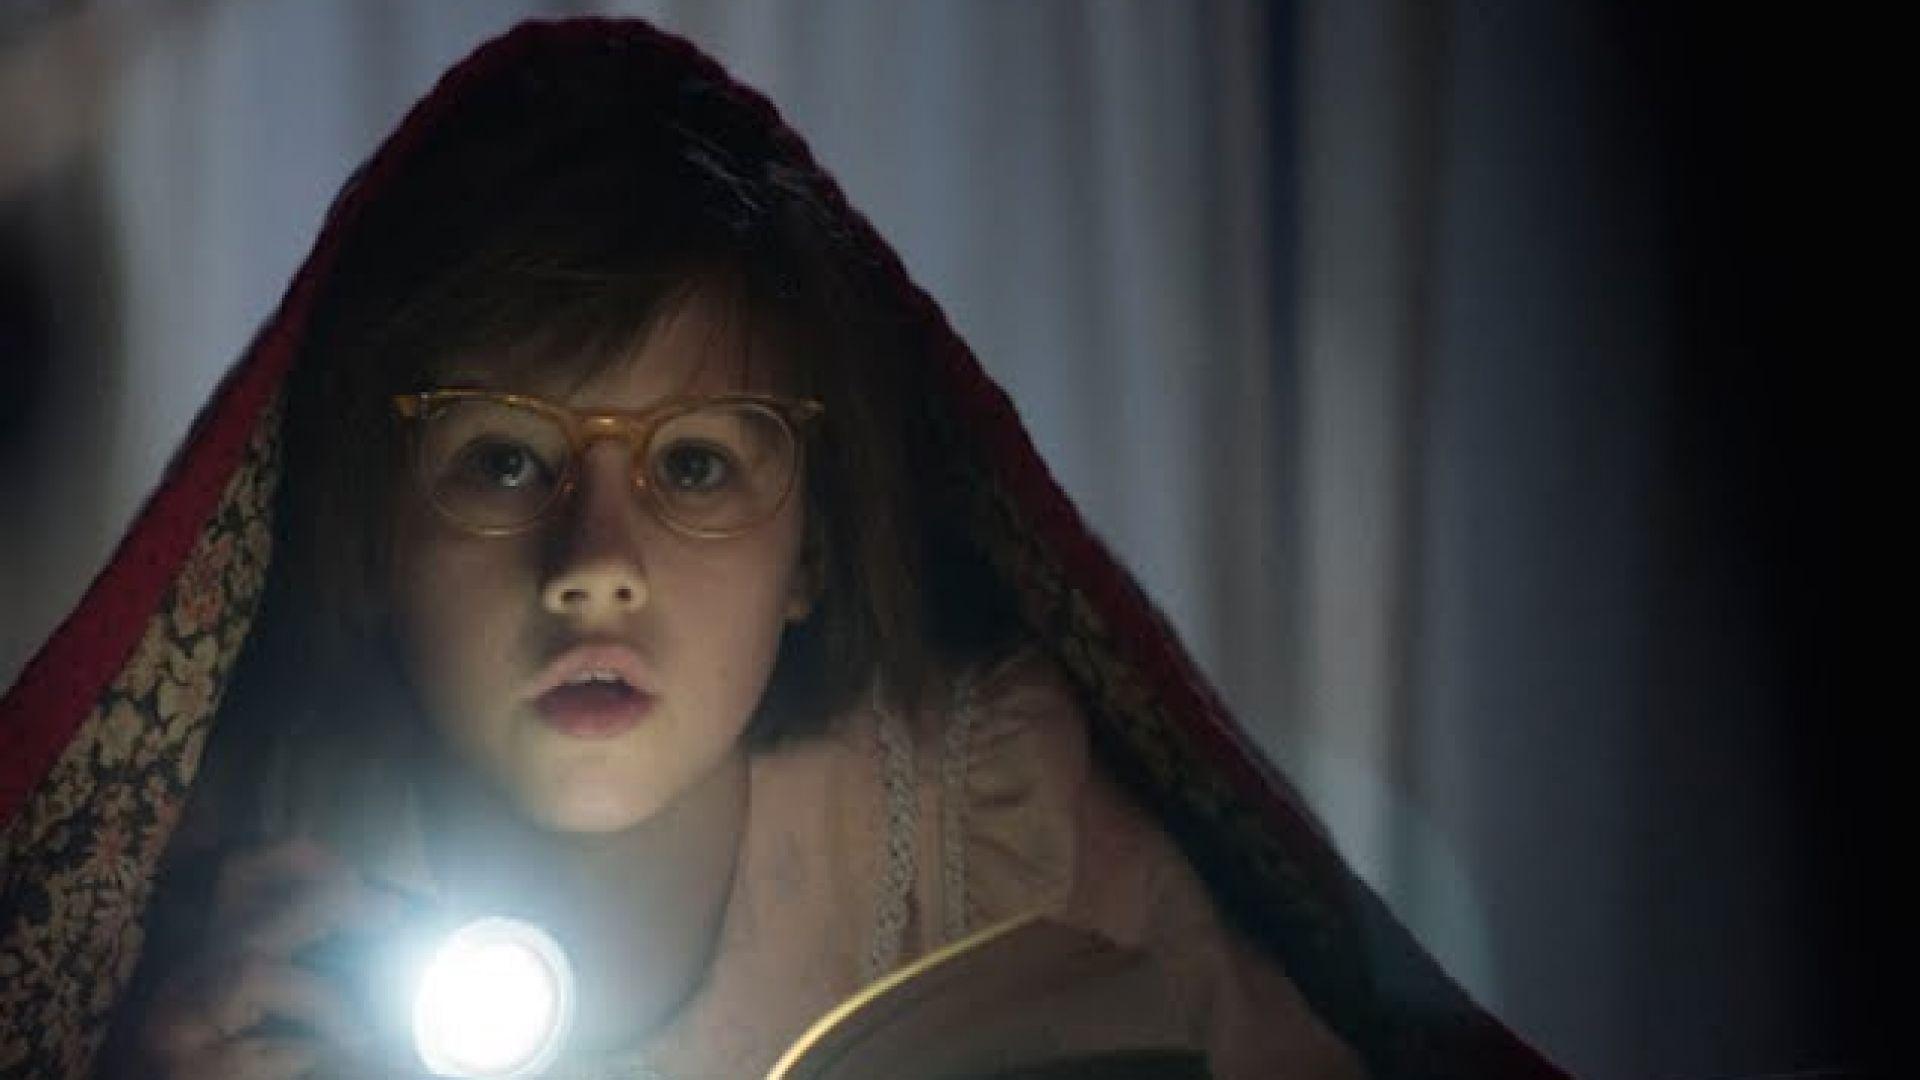 Disney's The BFG - Teaser Trailer A Steven Spielberg adaptat